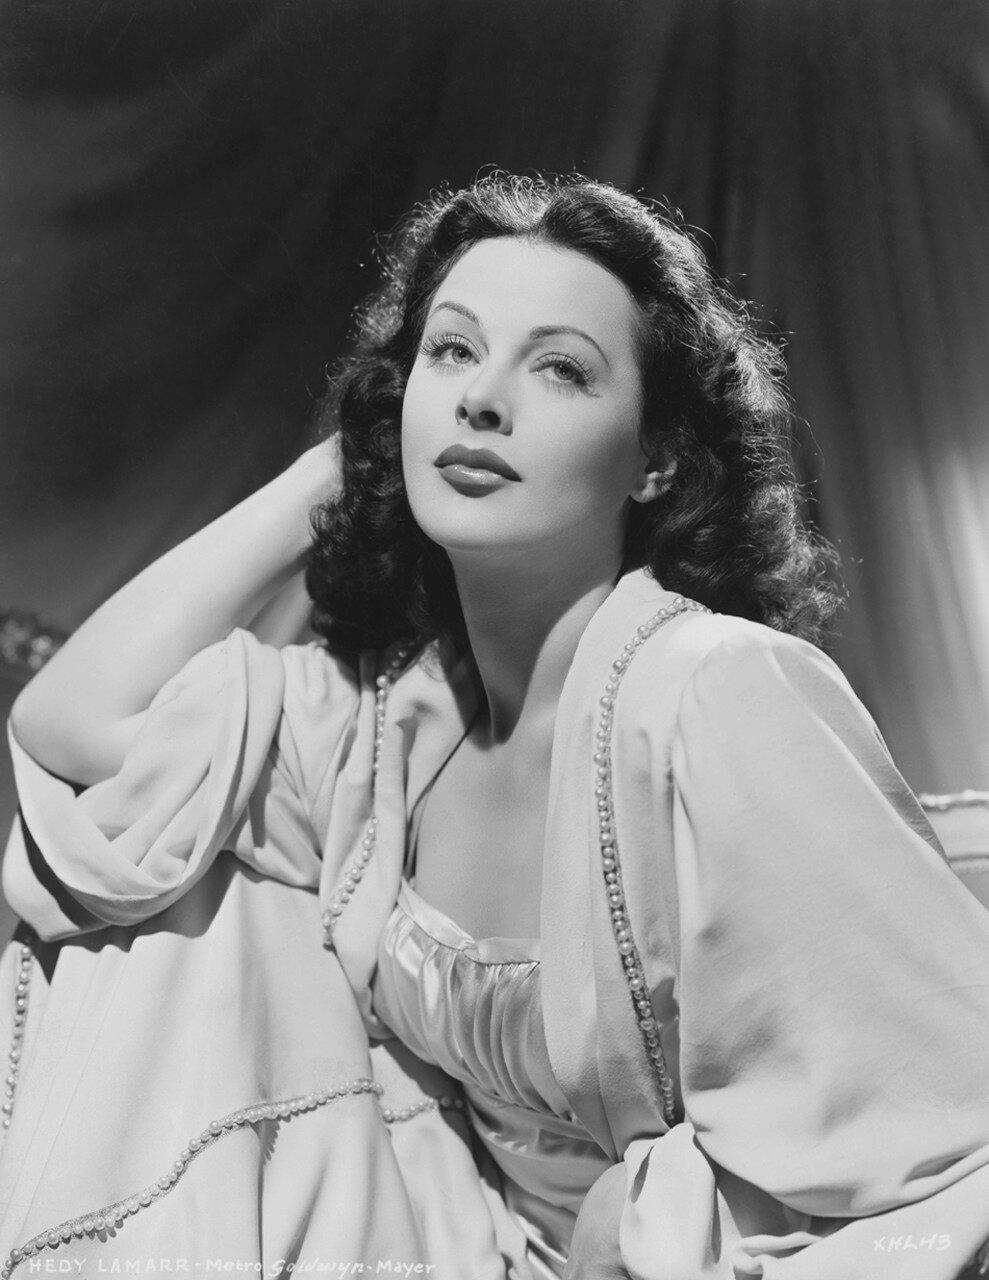 Portrait of Actress Hedy Lamarr